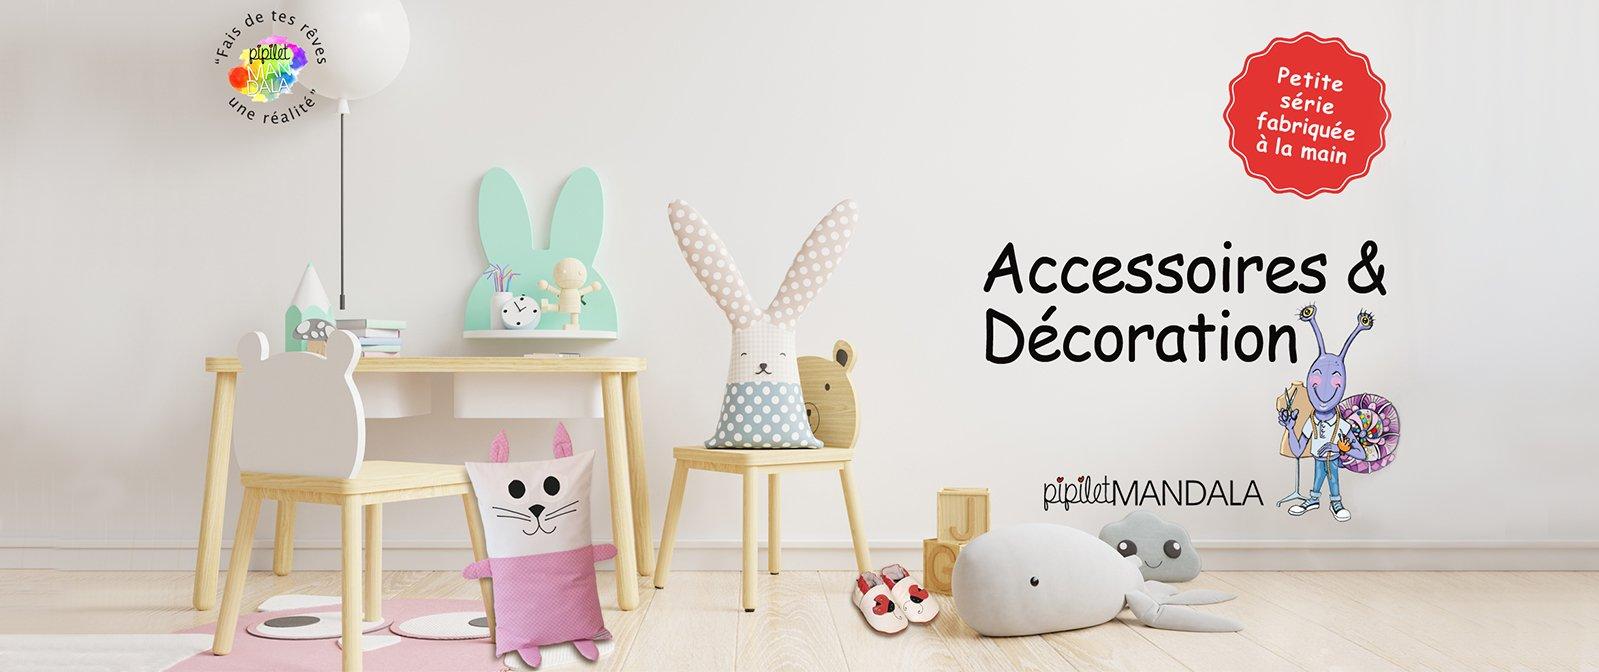 Accesoires decoration